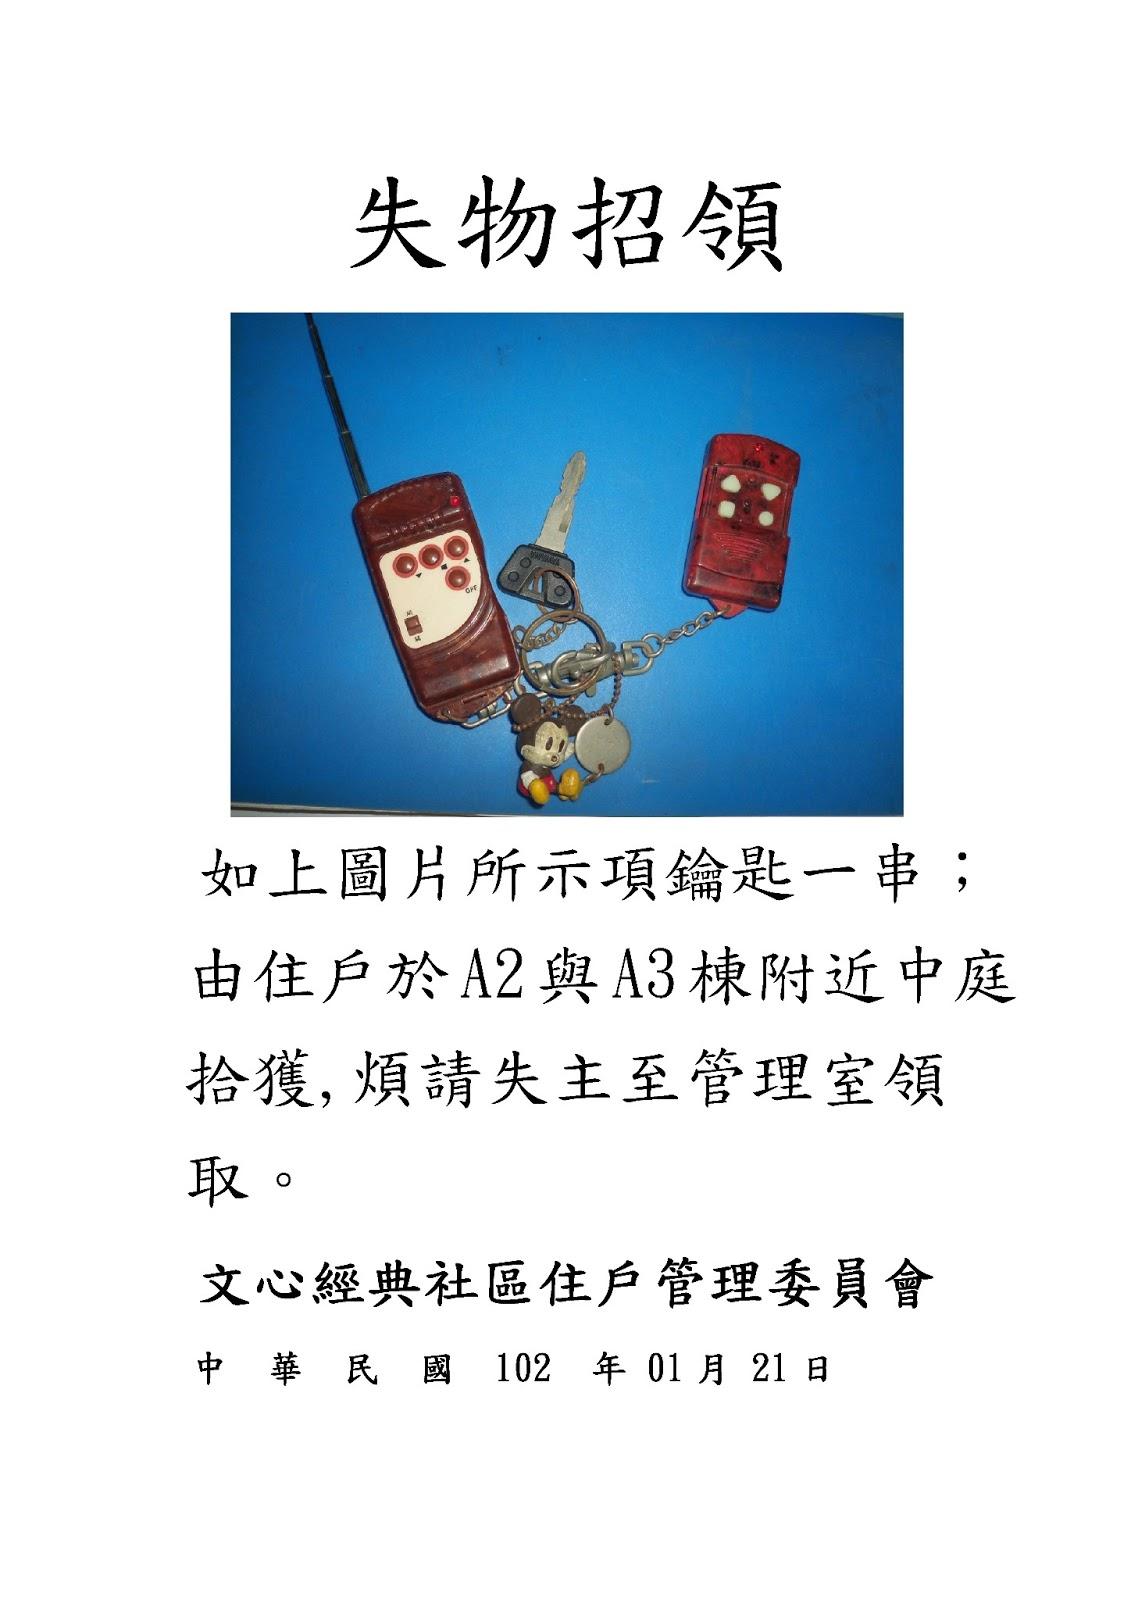 『文心經典 社區管理委員會』/ 忠正物業保全 駐衛管理: 2013/1/20 - 2013/1/27